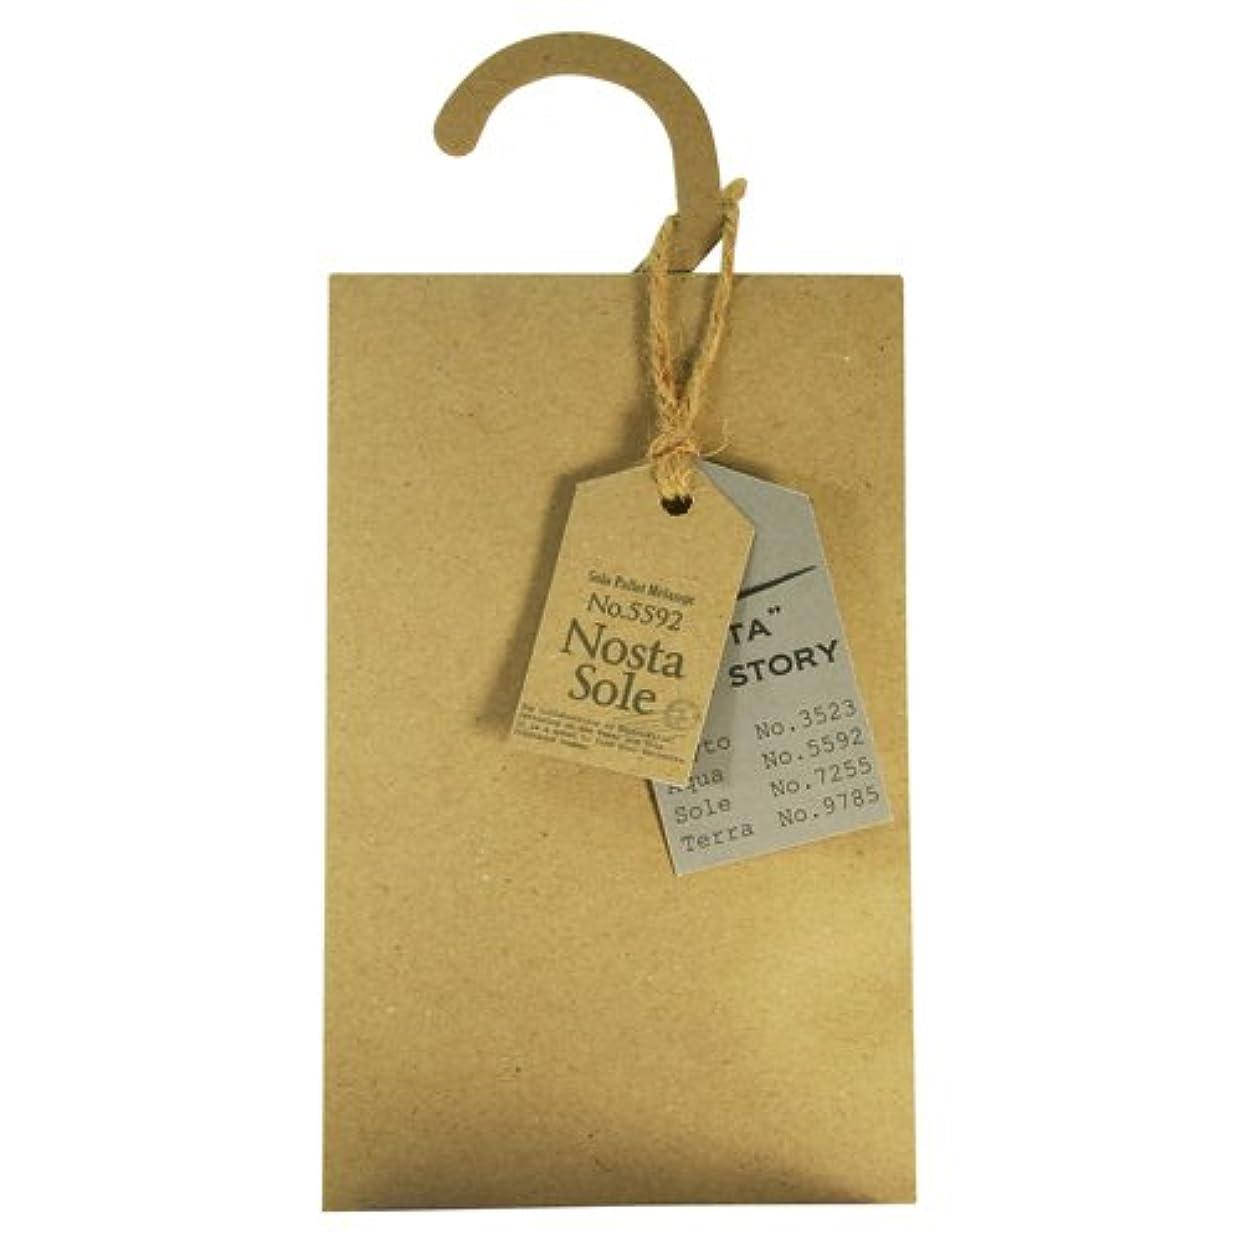 かもしれない散髪インカ帝国Nosta ノスタ Fragranced Hanger Sachet ハンガーサシェ Sole ソーレ / 太陽